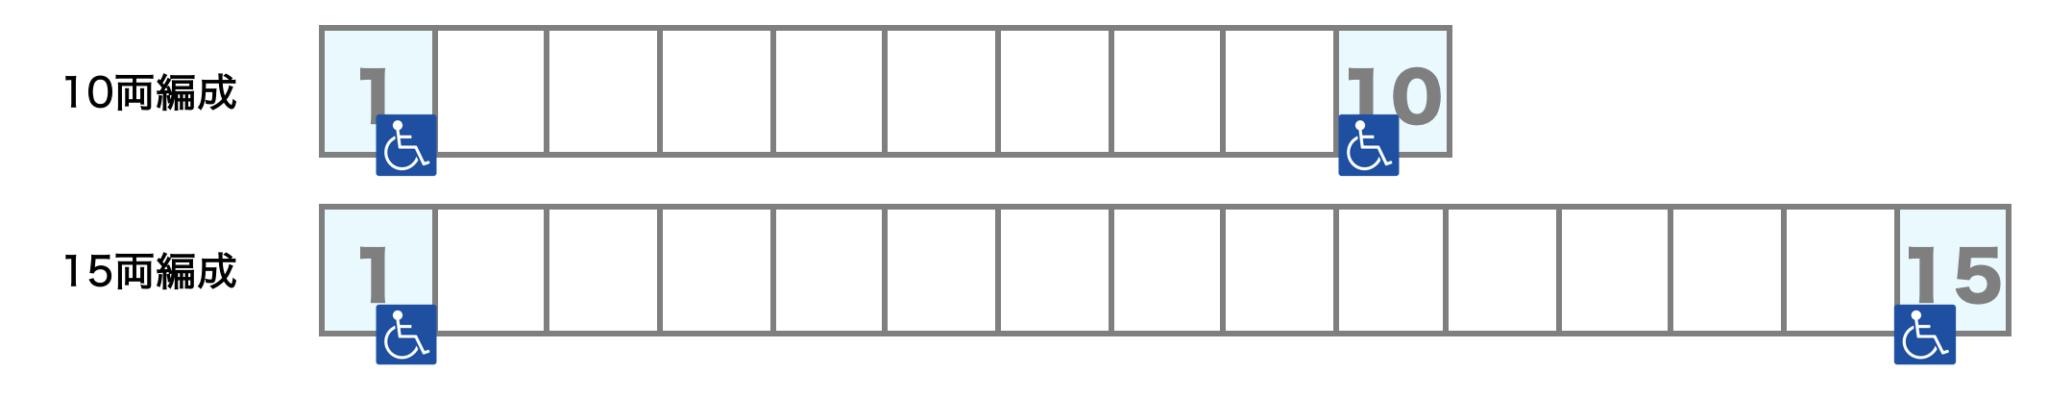 JR常磐線快速の車椅子・ベビーカースペースは最前・最後車両の2箇所